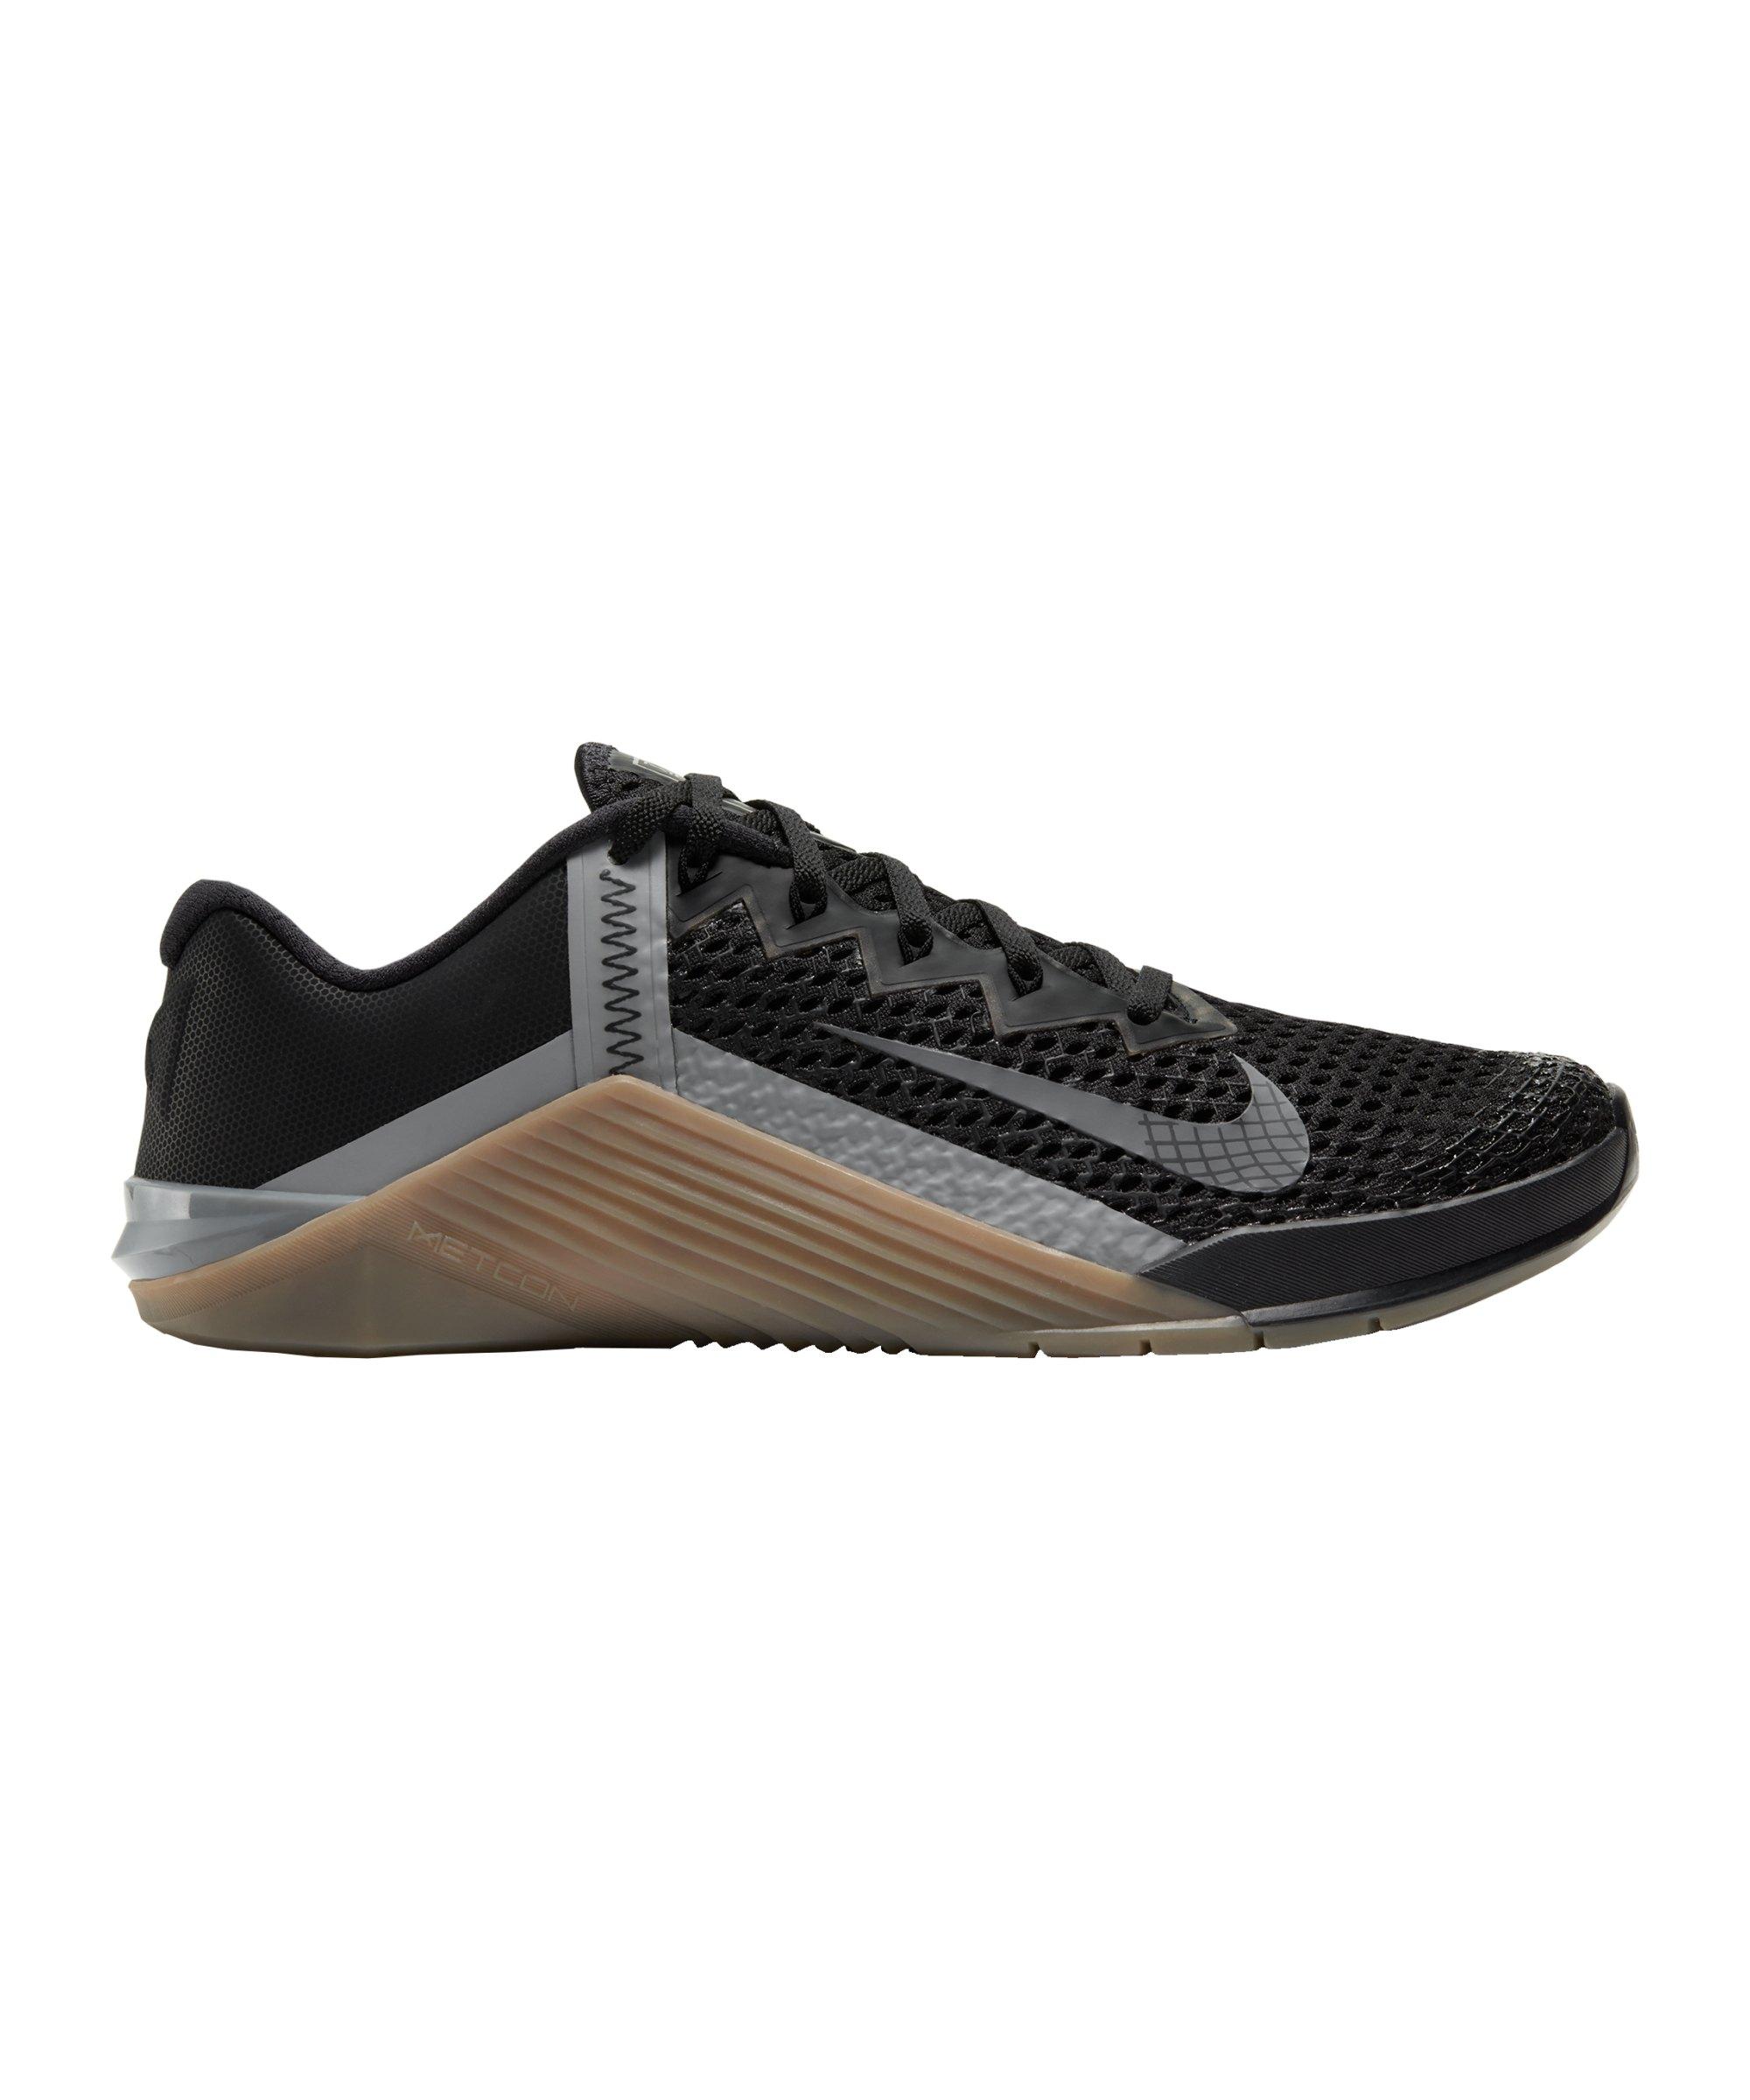 Nike Metcon 6 Training Schwarz Grau F002 - schwarz